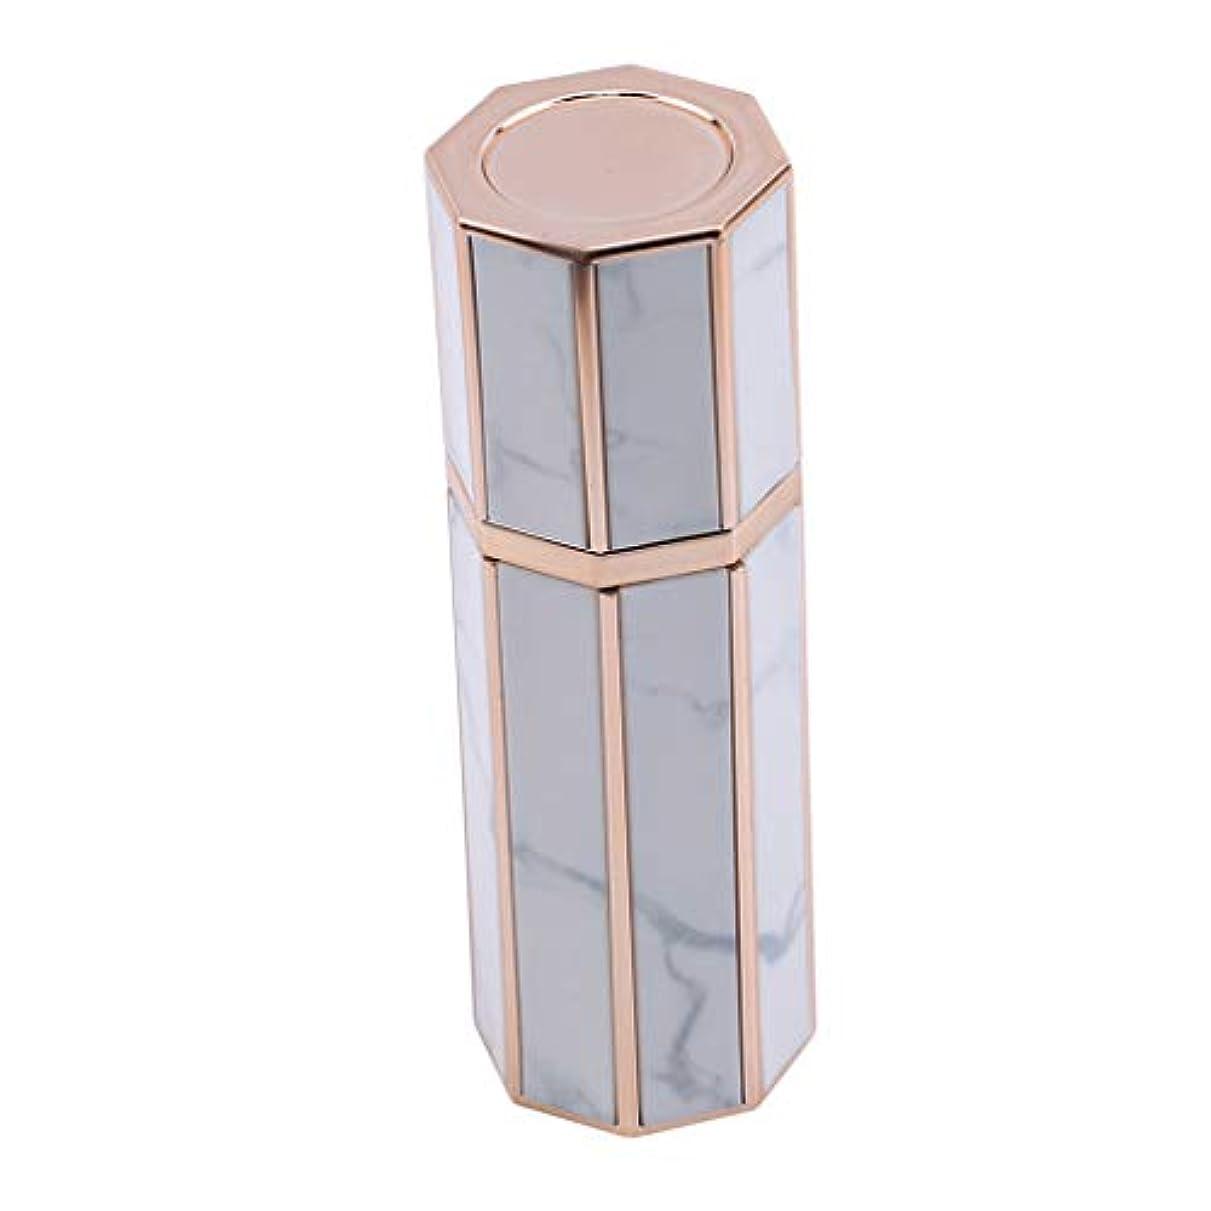 きらめき透過性オプションWEILYDF 口紅容器 リップスティックコンテナ 空チューブ 口紅チューブ 詰め替え 容器 化粧品 容器 DIY用